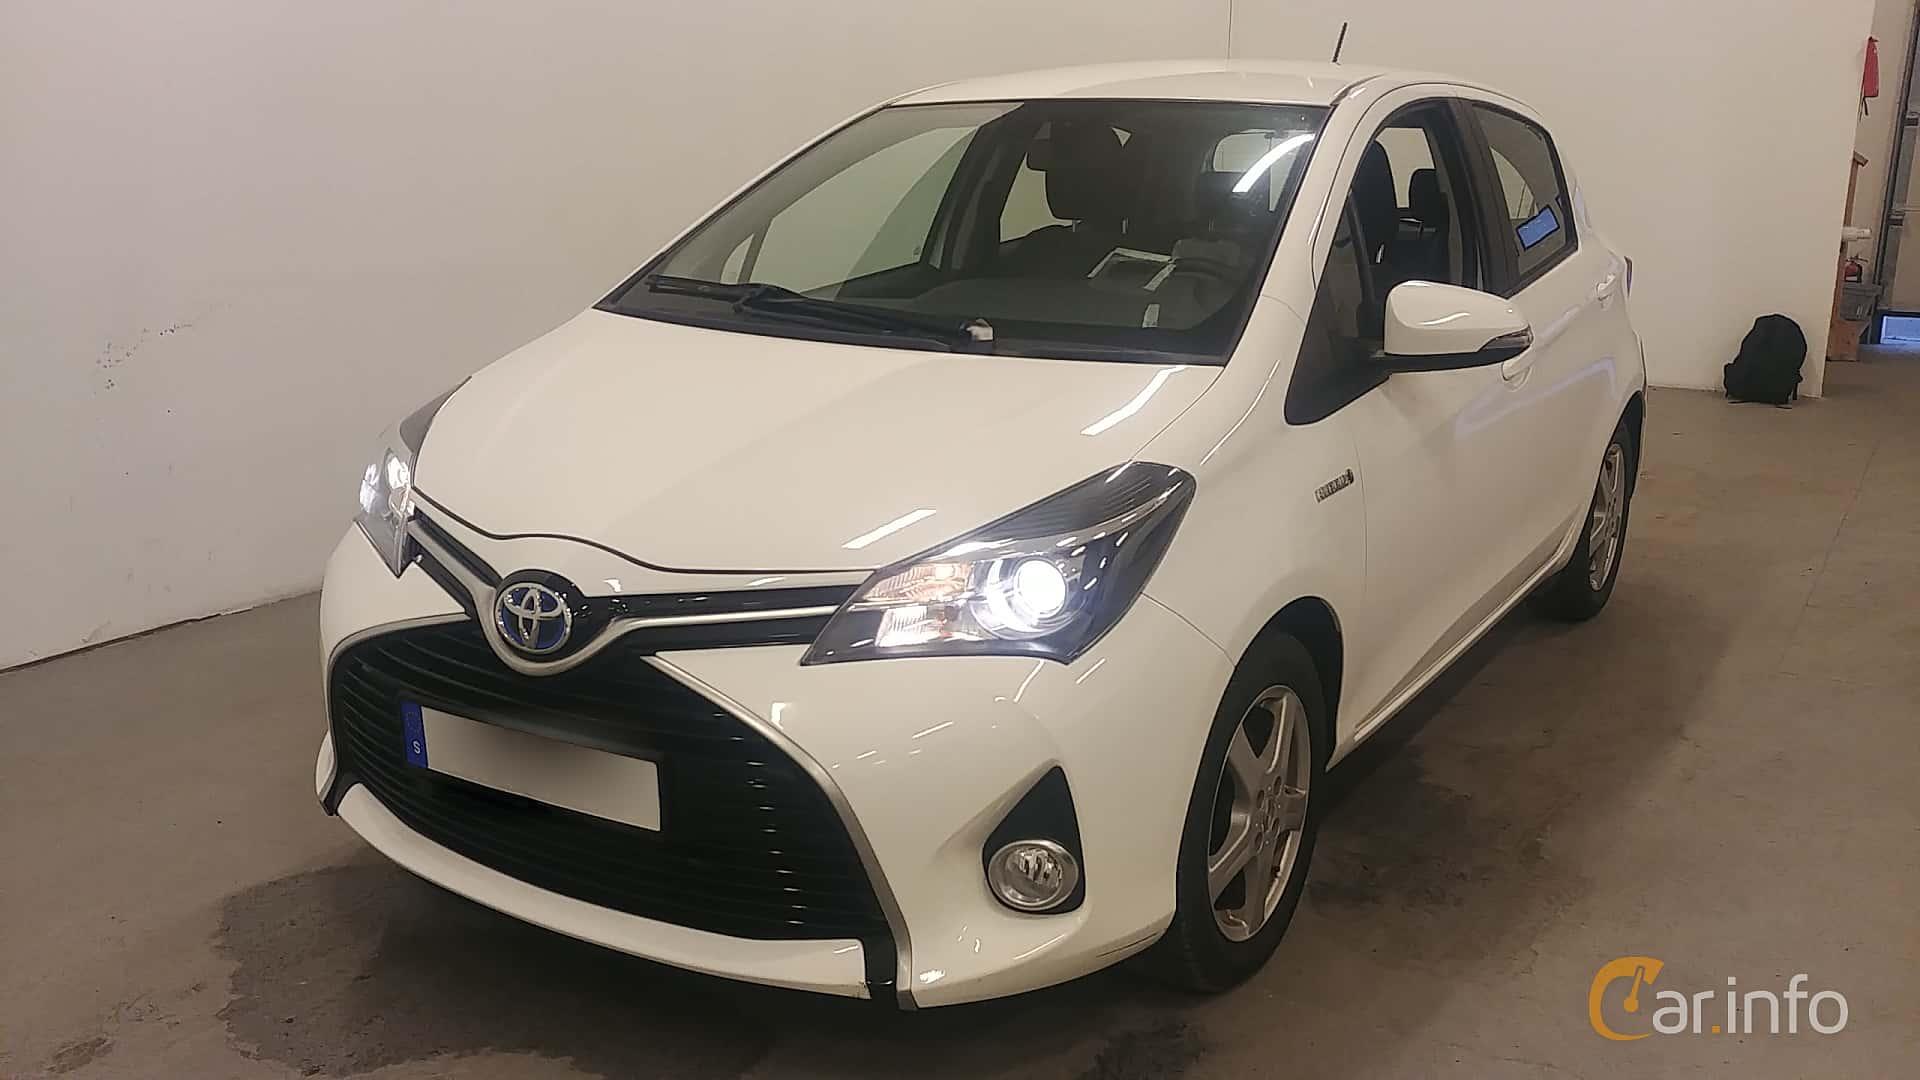 Toyota Yaris Hybrid 1.5 VVT-i CVT, 101hp, 2015